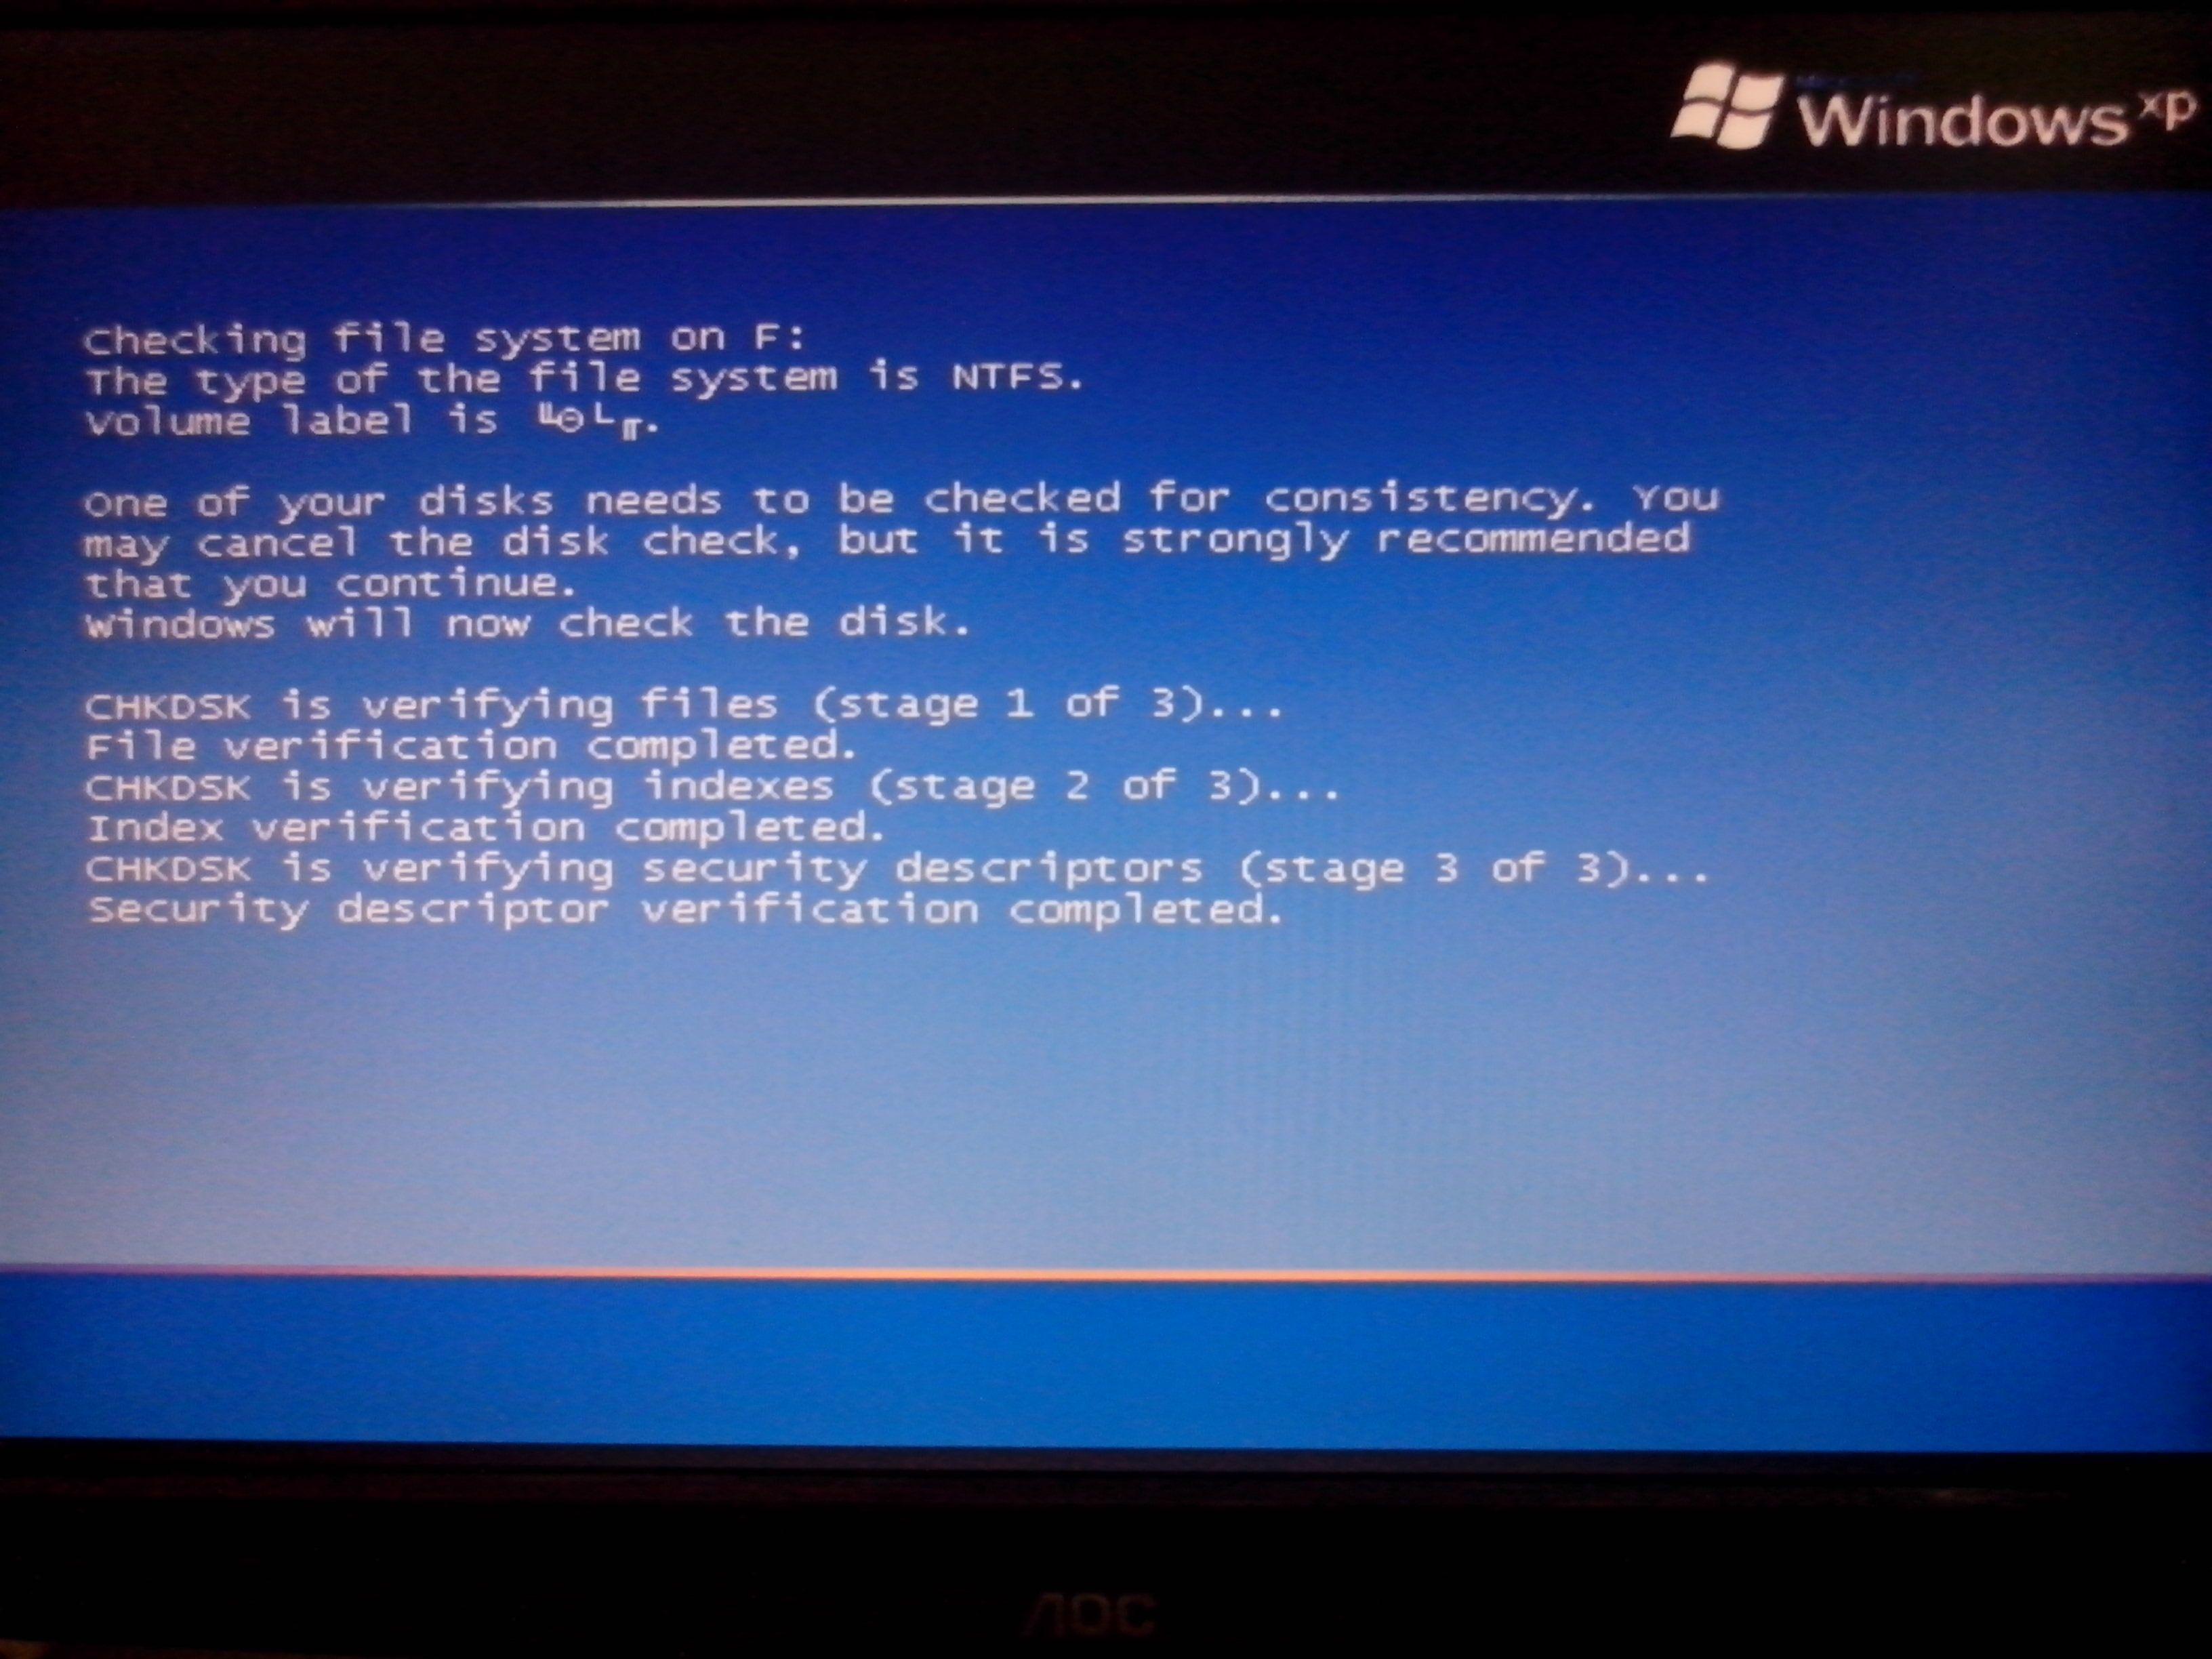 电脑自己重启怎么回事_电脑开机时出现图片里的情况是怎么回事?_百度知道